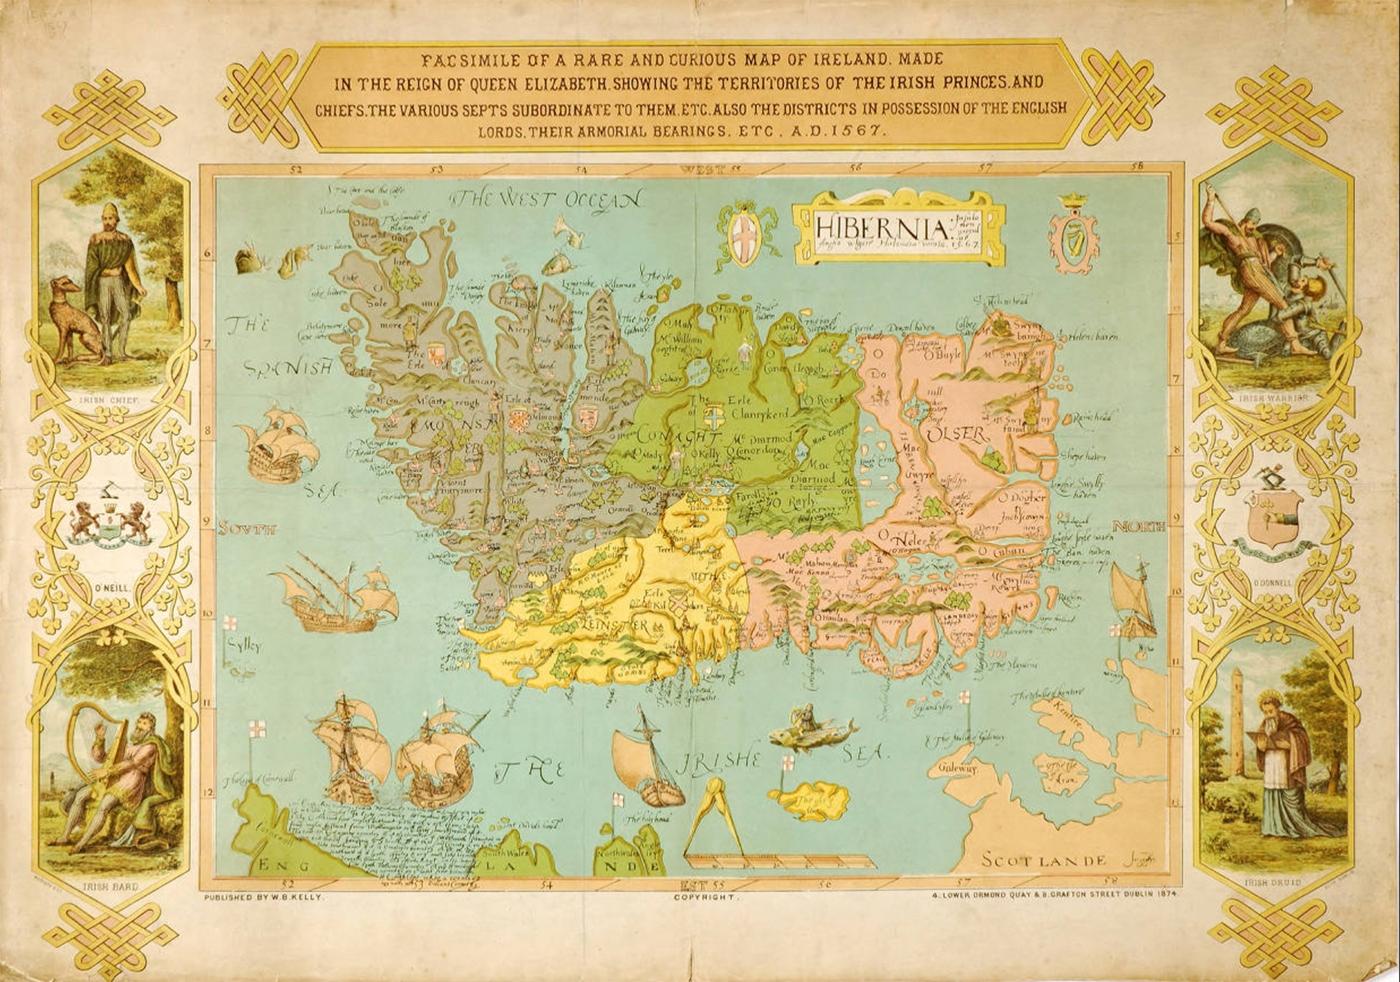 Hibernia insula non procul ab Anglia vulgare Hirlandia vocata 1567